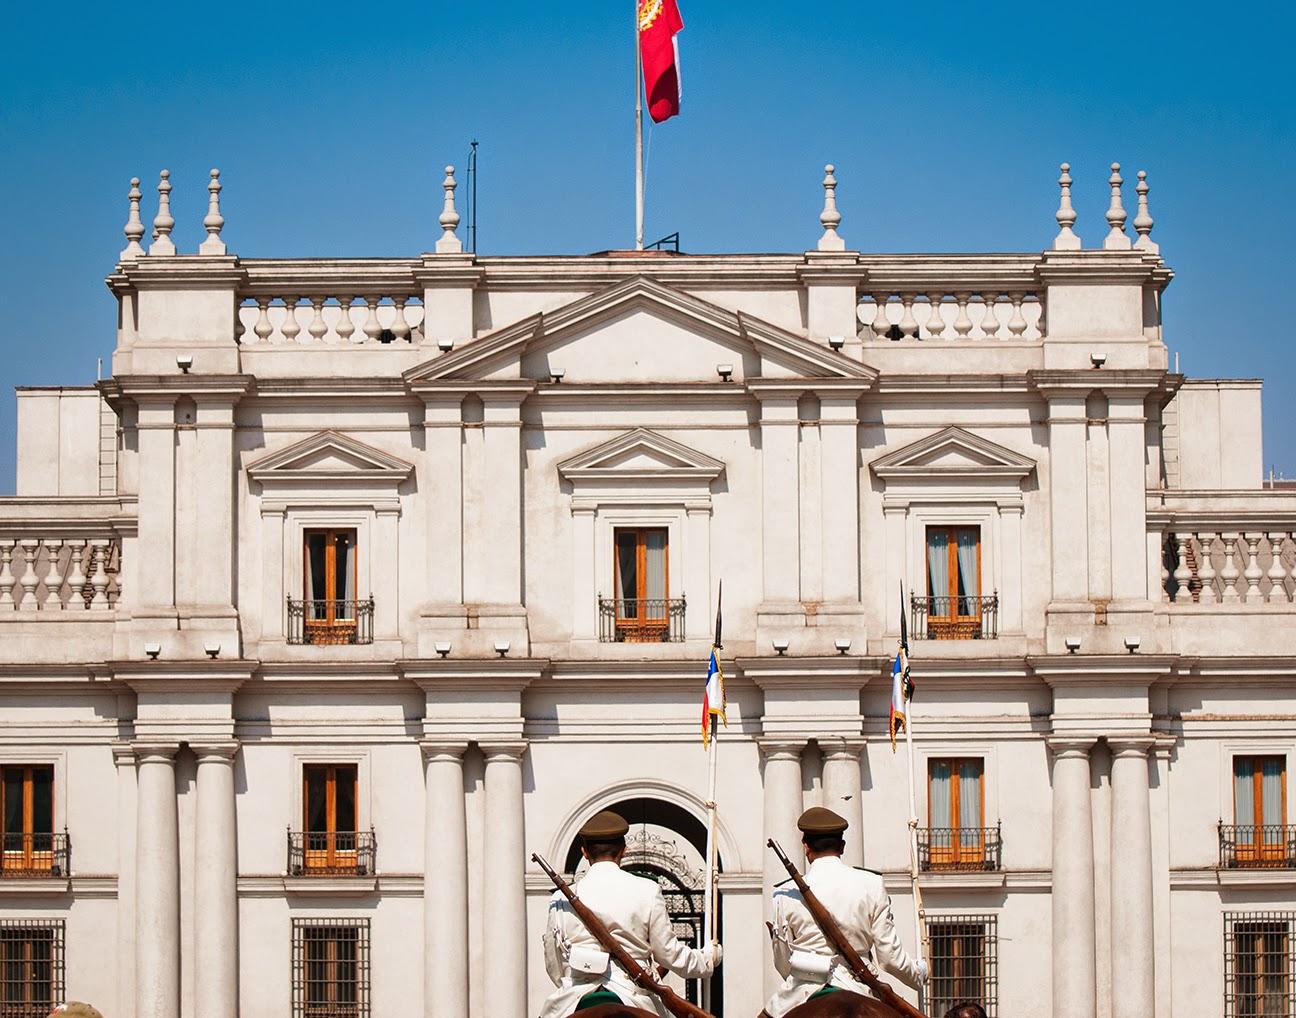 Santiago-2.jpg